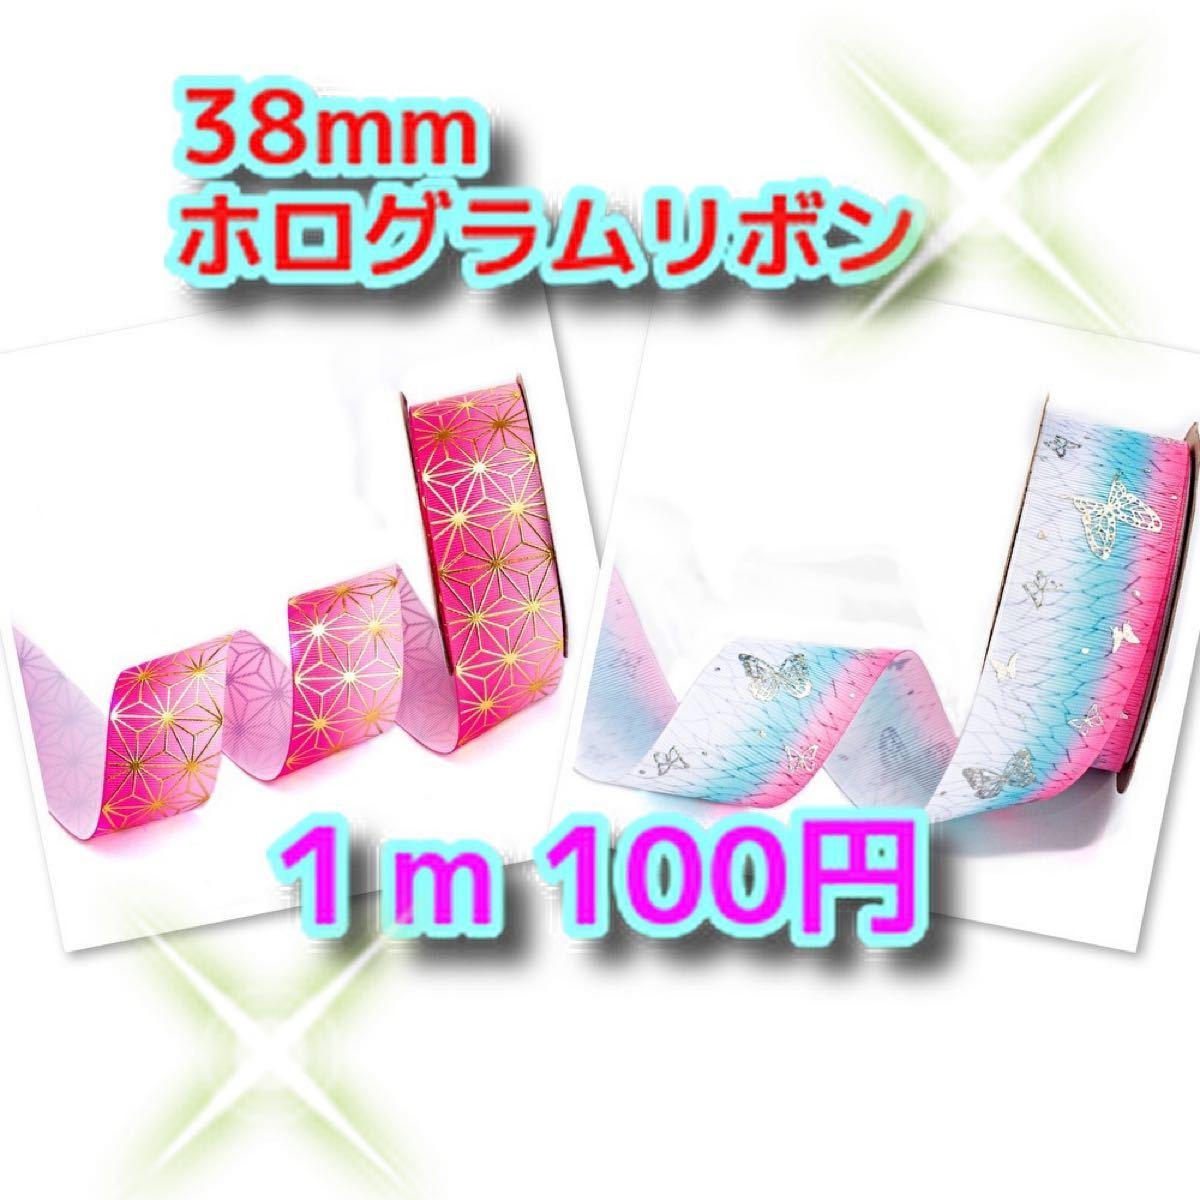 鬼滅の刃リボン グログランリボン 38mm×10mセット ホログラム ハンドメイド素材